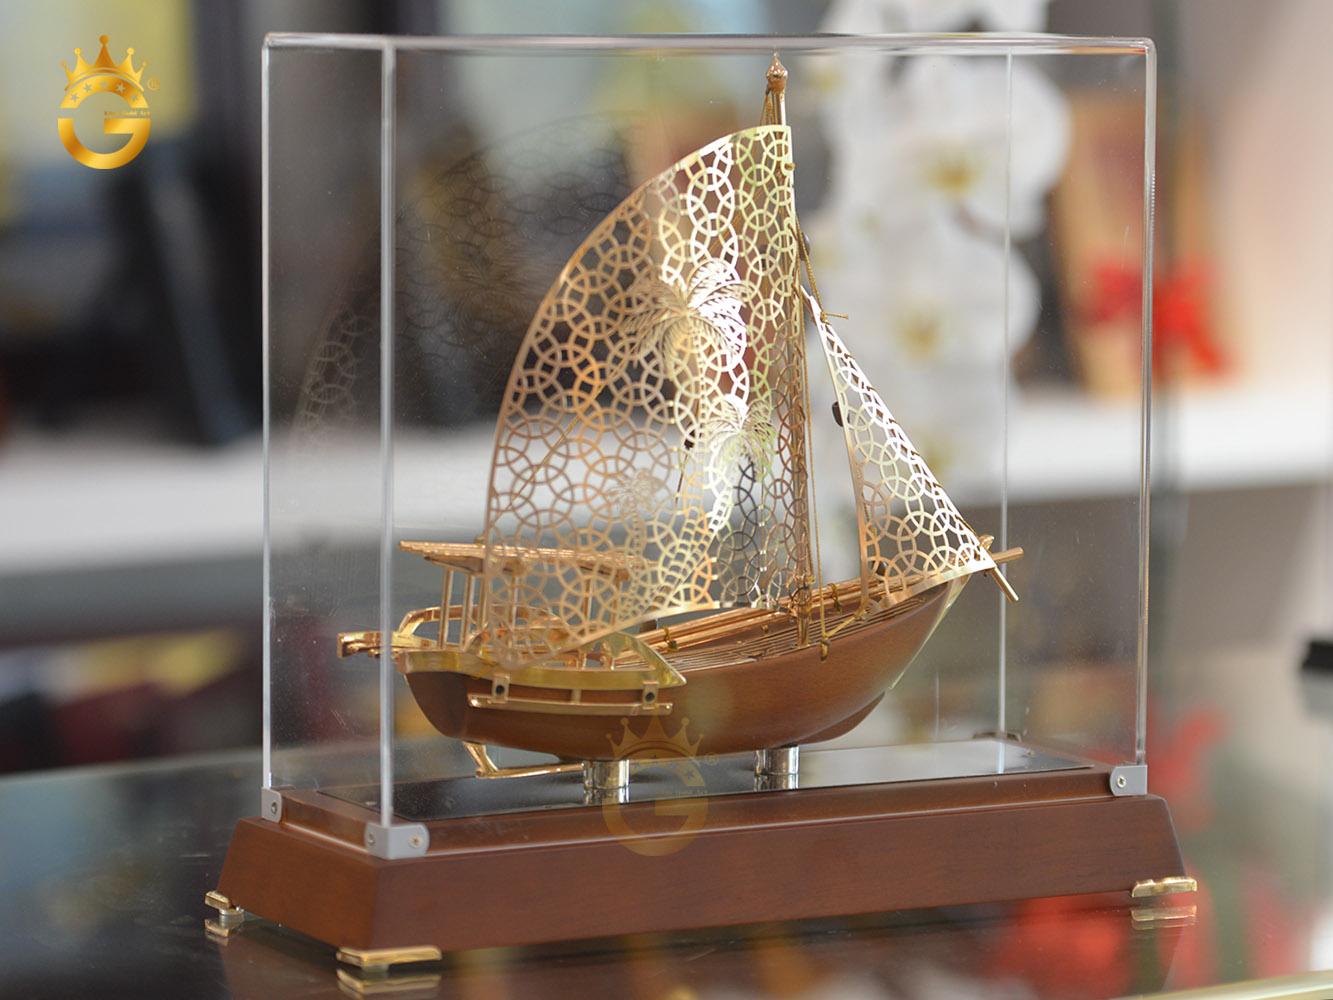 Mô hình thuyền buồm mạ vàng làm quà tặng tân gia ý nghĩa0